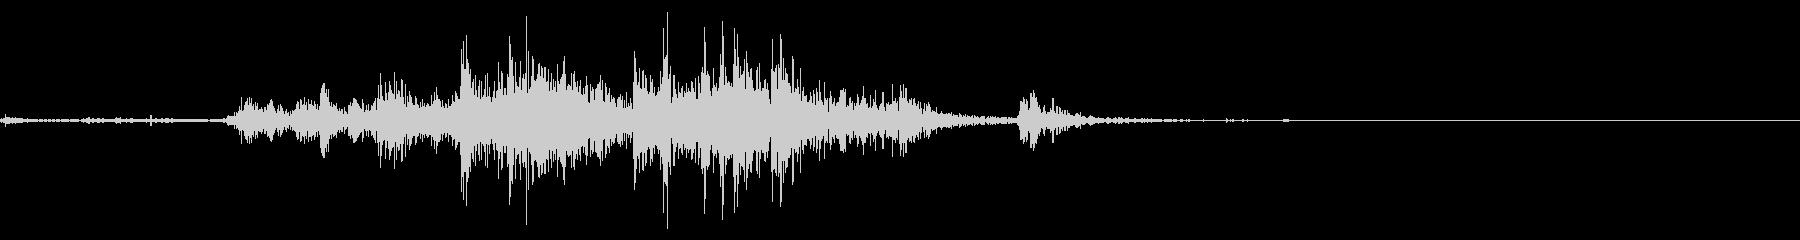 金属製のものが音を立てて壊れる音の未再生の波形